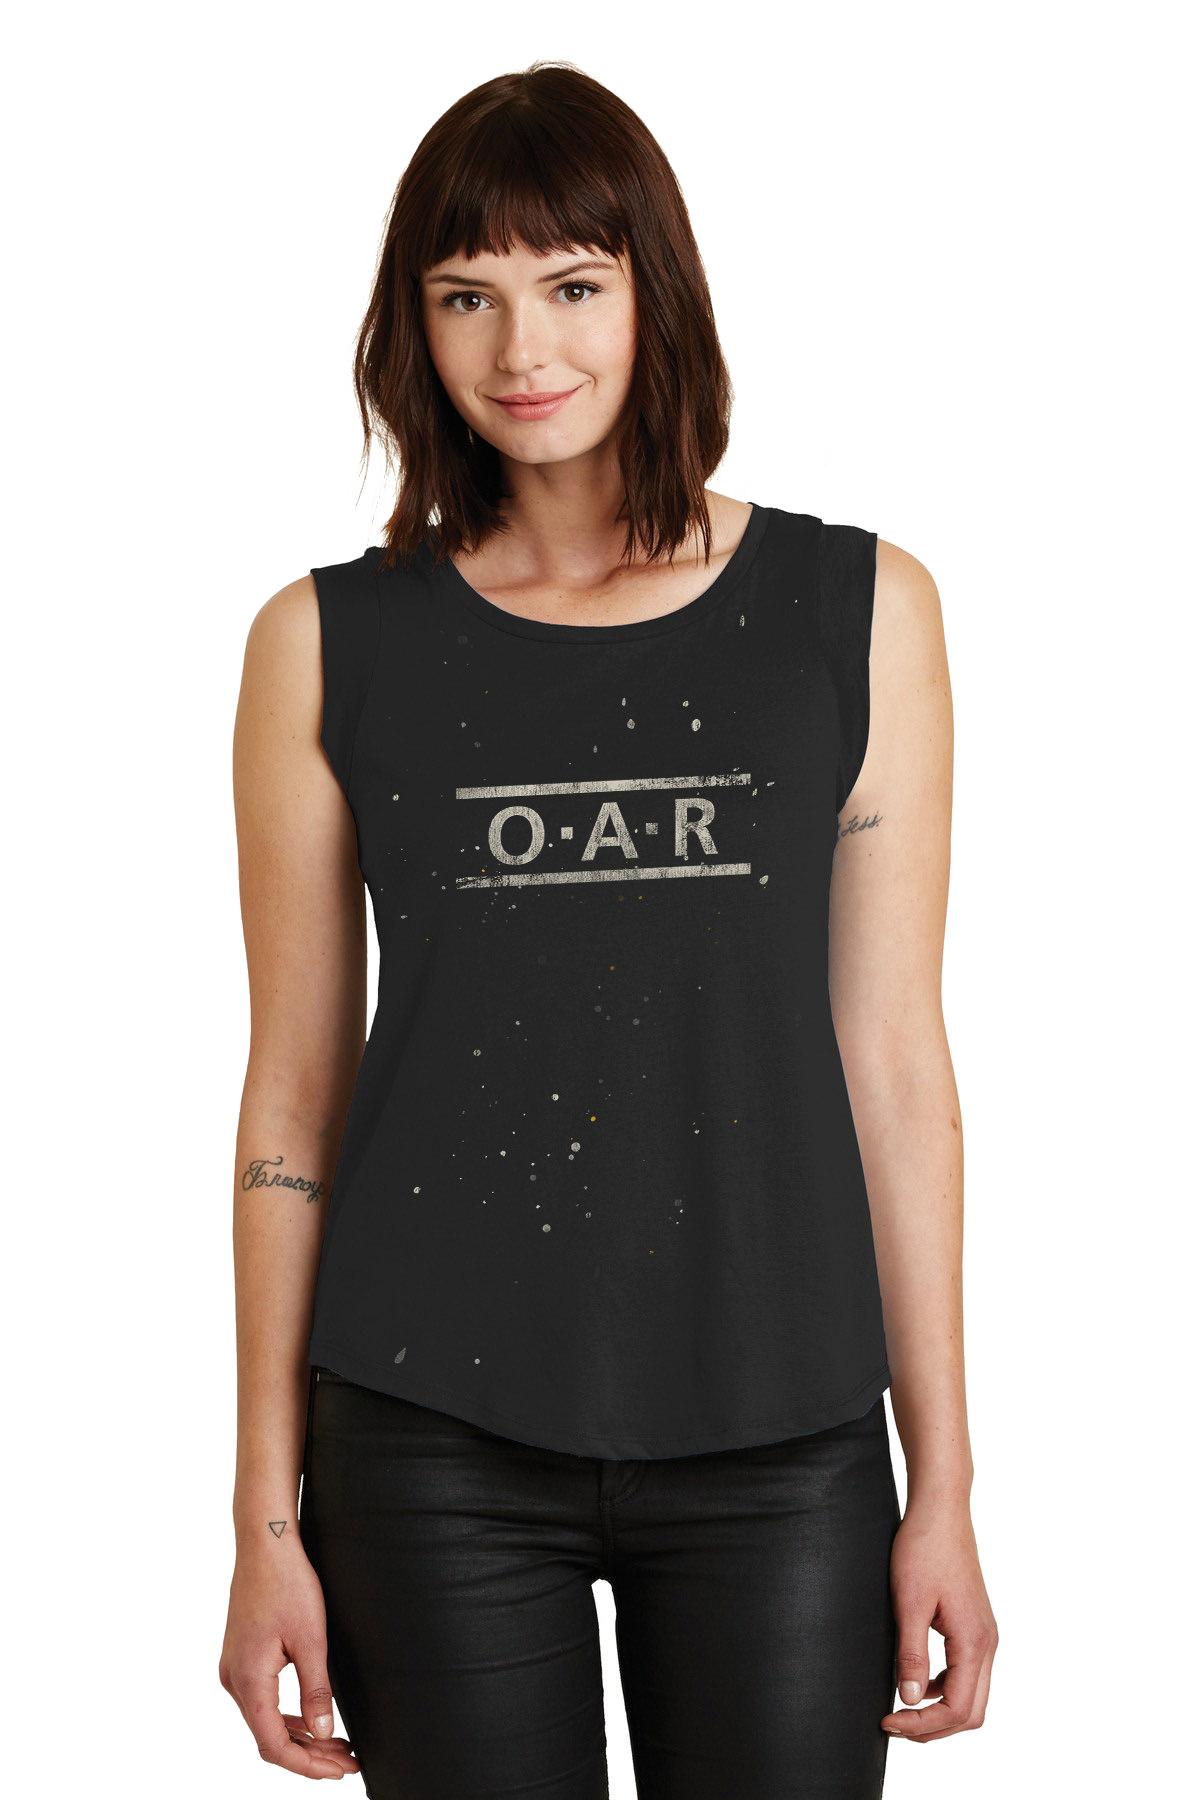 oar-tour-model-front.jpg